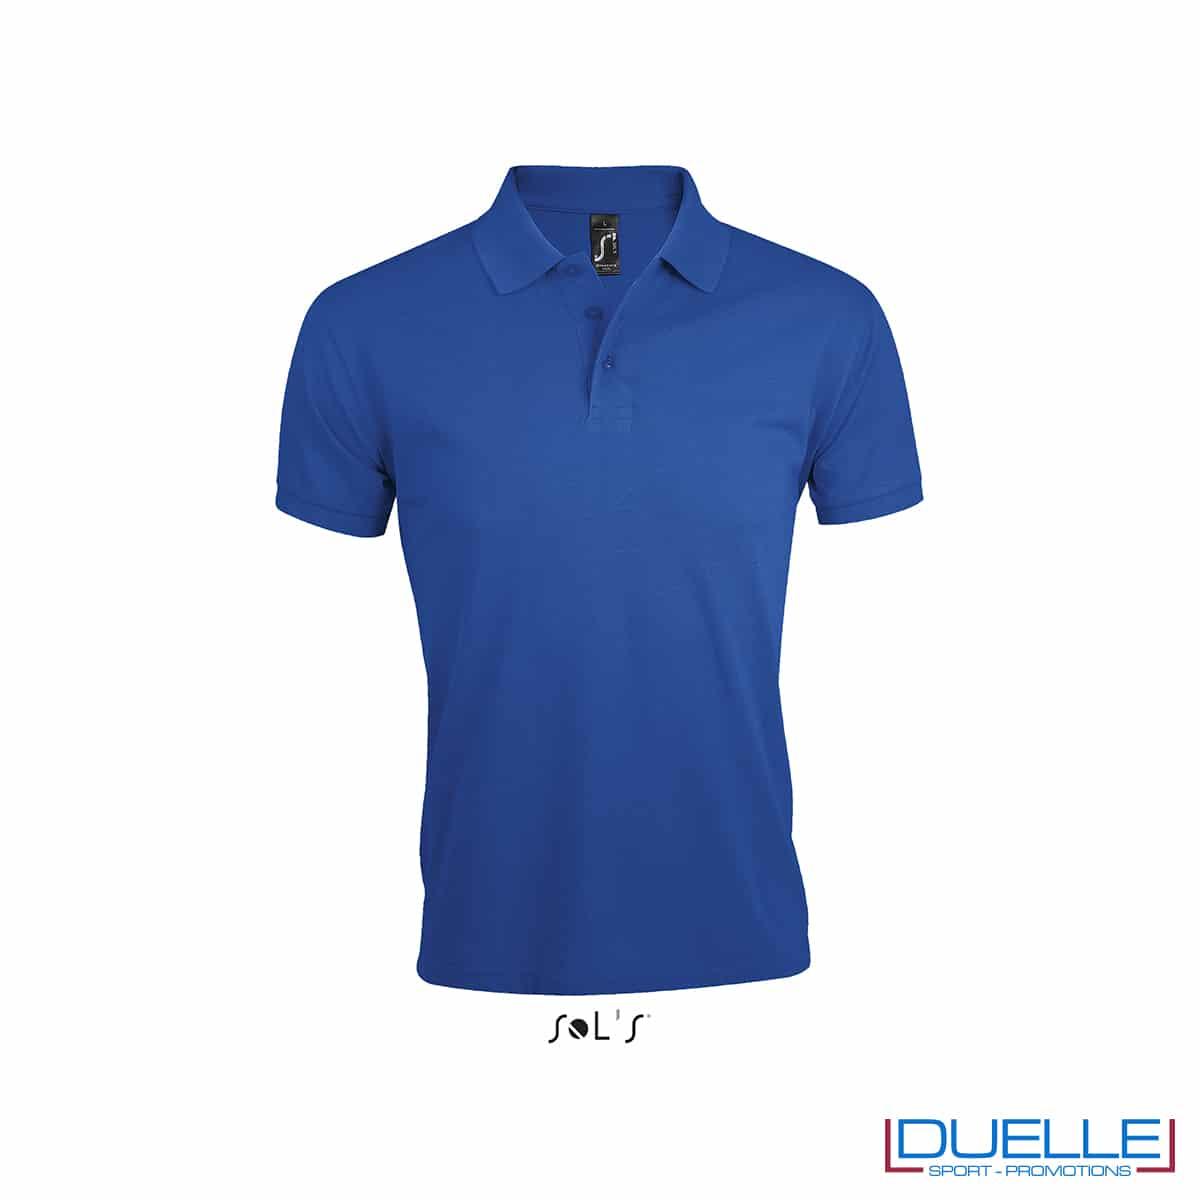 Maglietta polo blu royal con logo per lavoro